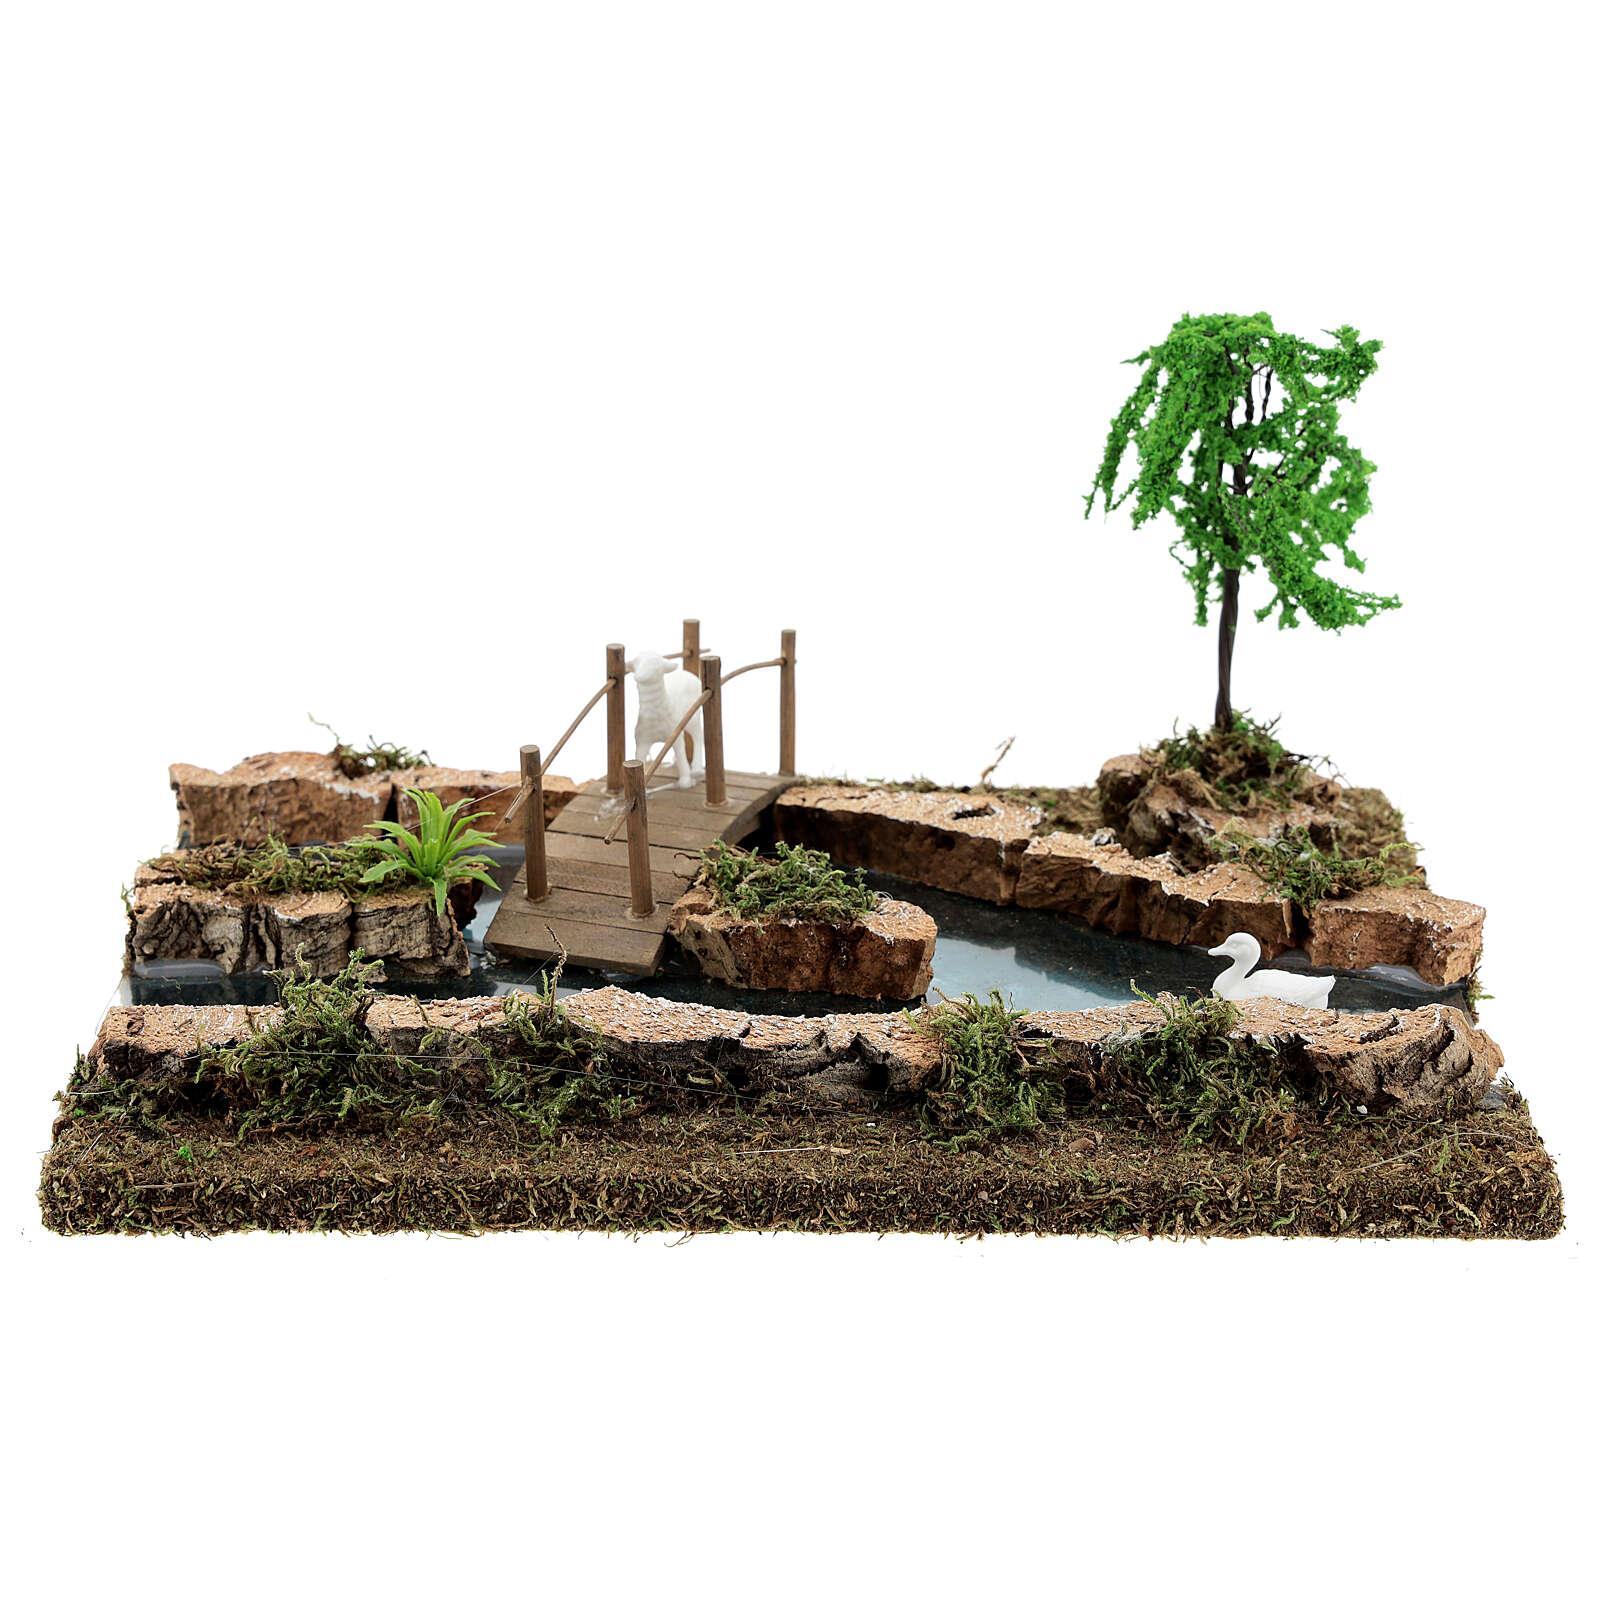 Río componible puente y animales 10x25x20 cm belenes 6-8 cm 4